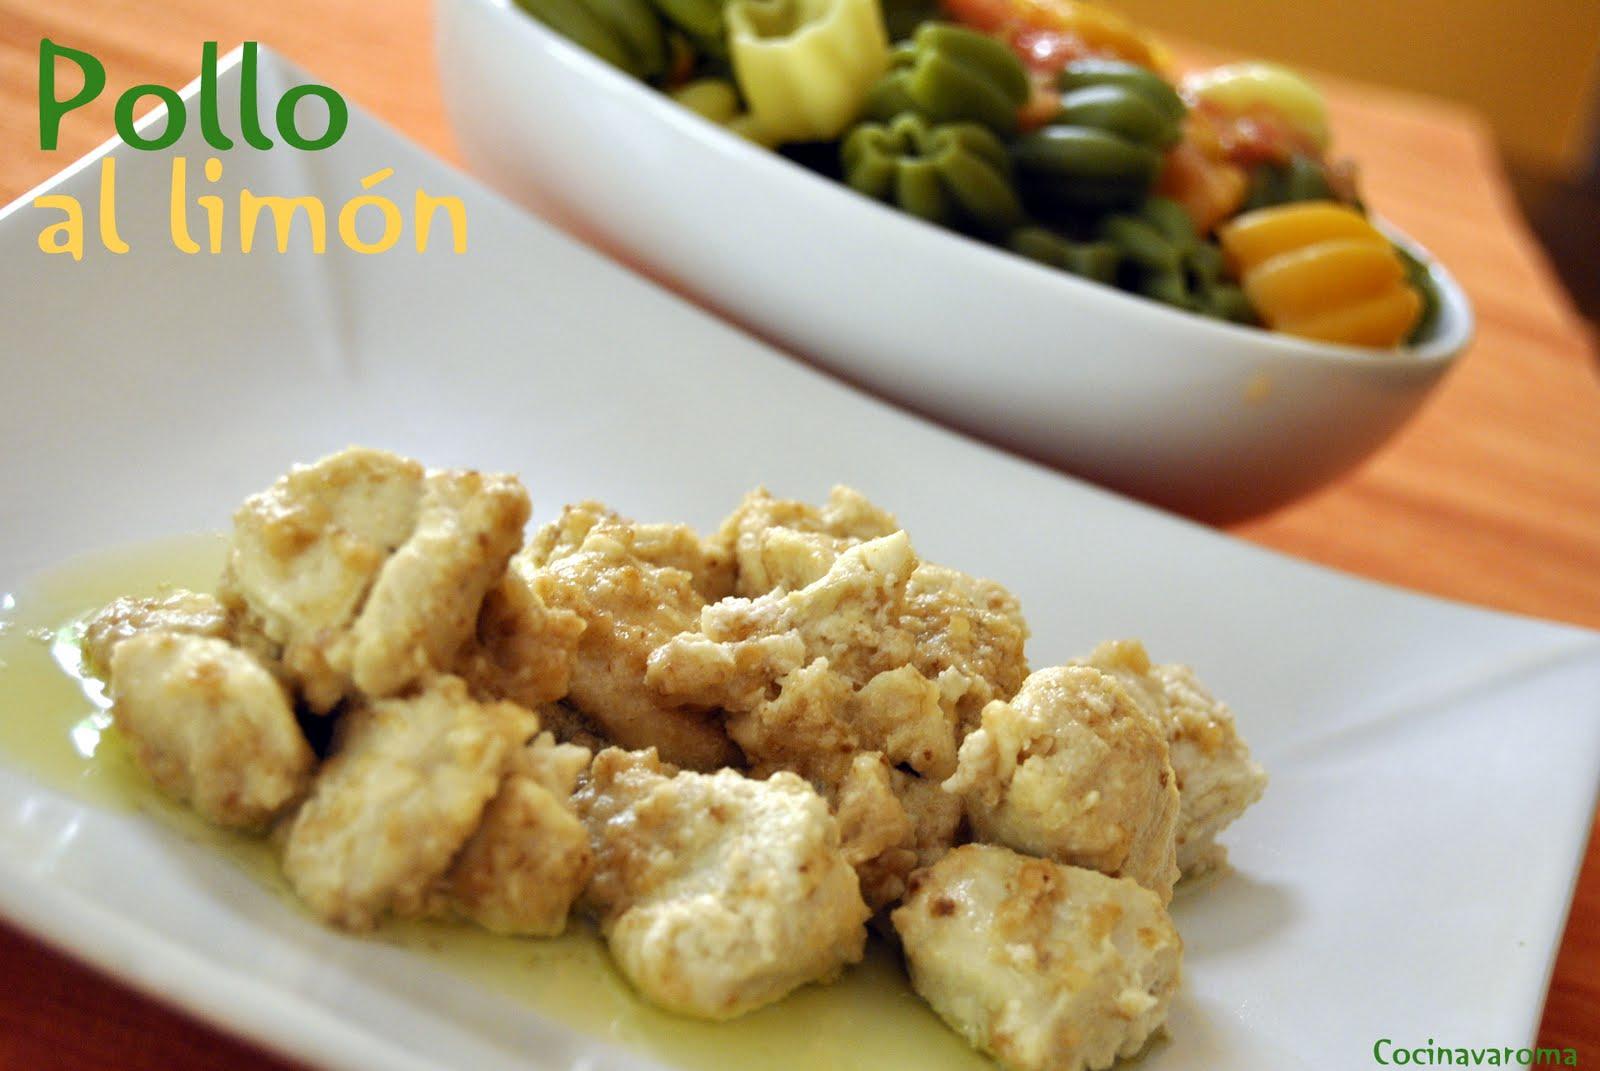 Cocina varoma pollo al lim n diferente riqu simo - Pechugas de pollo al limon ...